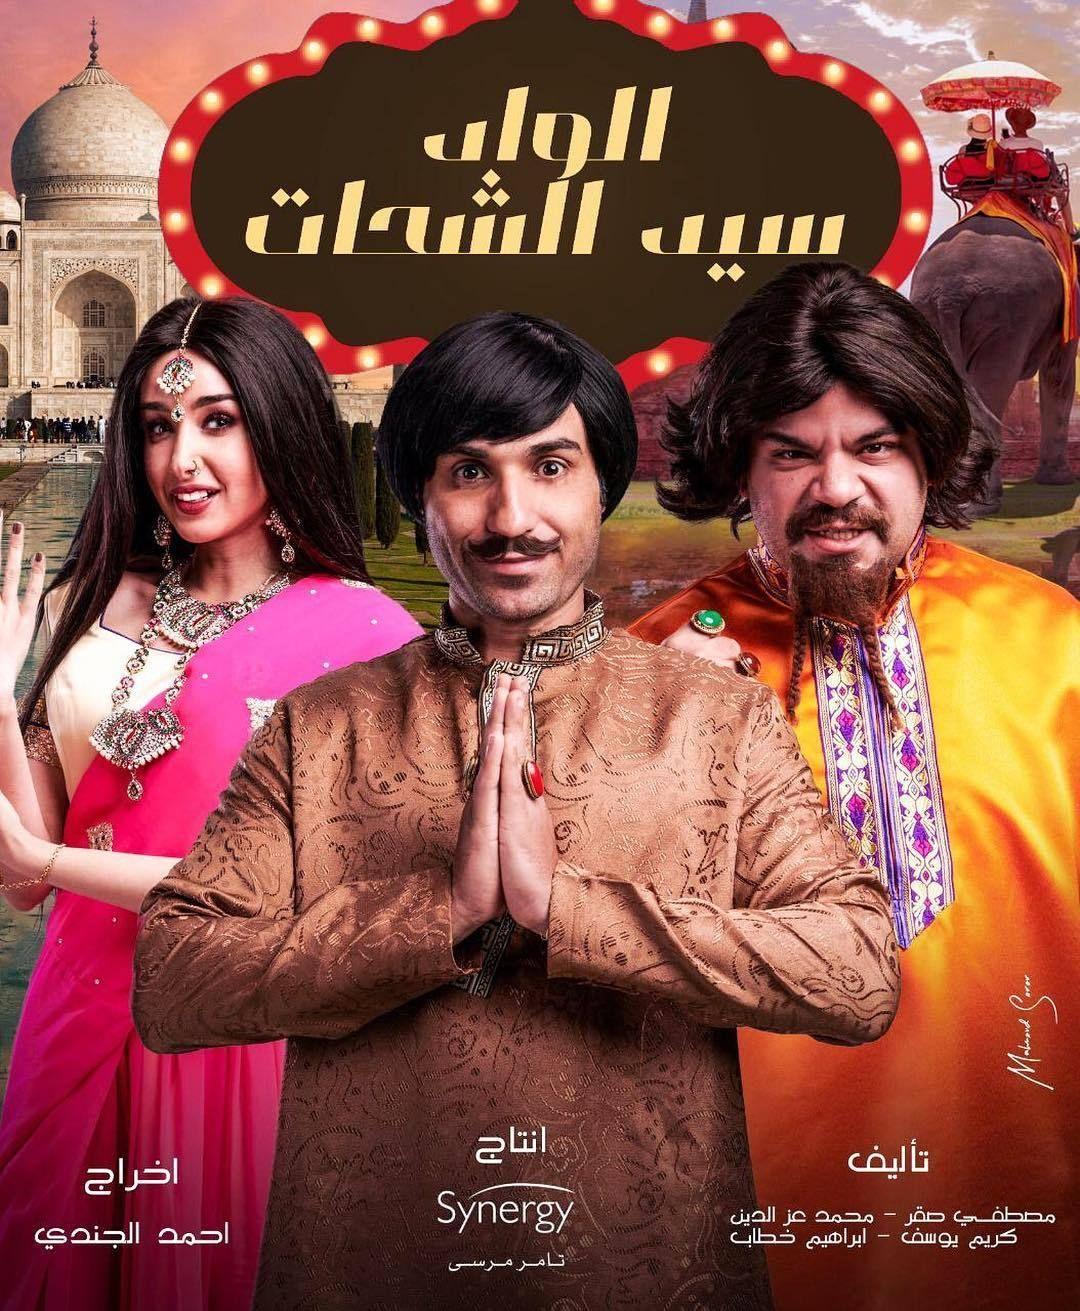 احداث وتفاصيل الحلقة 16 من مسلسل الواد سيد الشحات رمضان 2019 Celebrities Movie Posters Movies